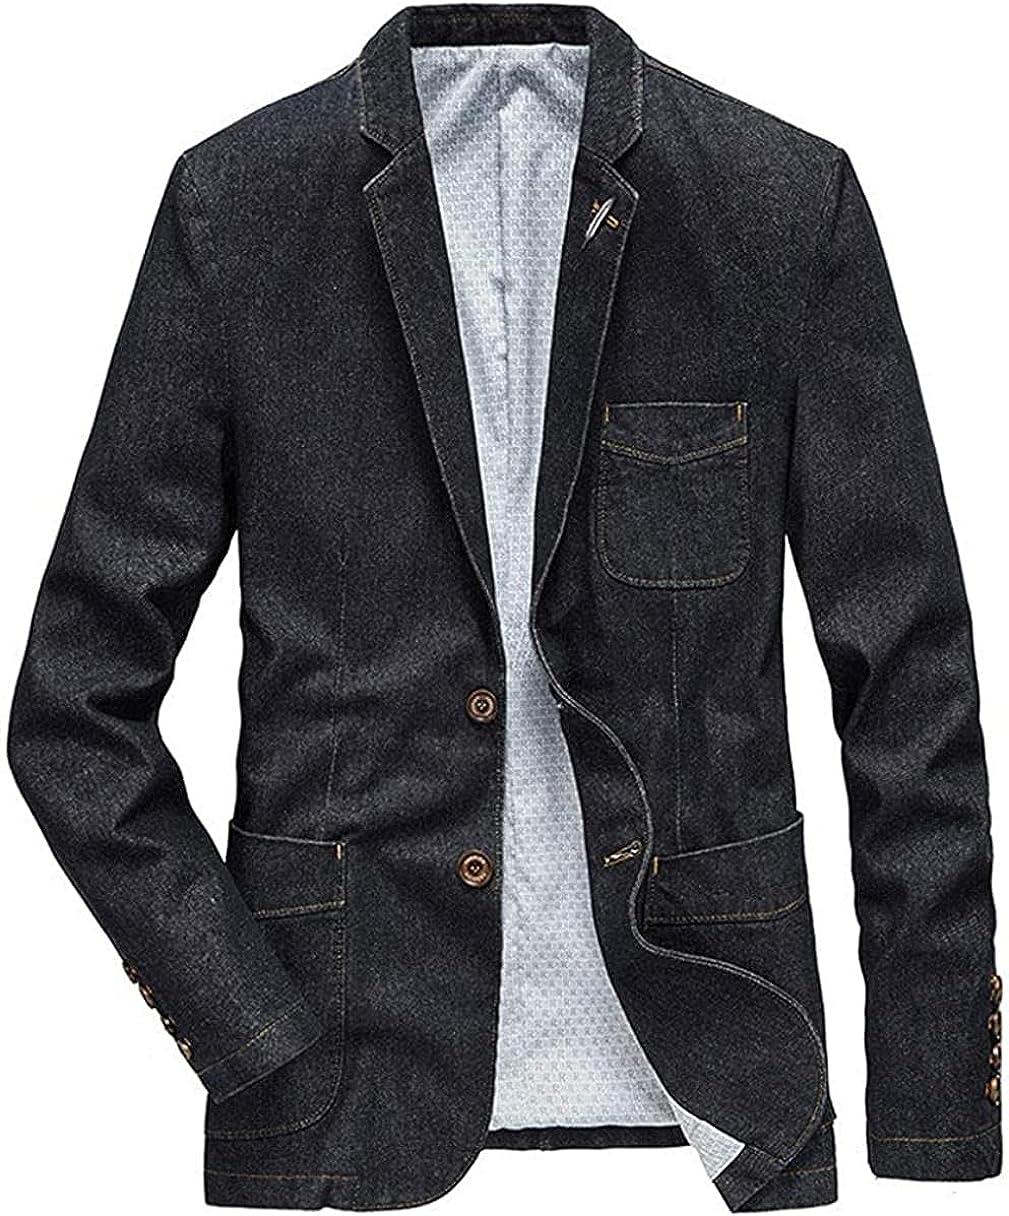 Men's Casual Slim Denim Blazer Two Button Business Suit Jacket Sport Coat